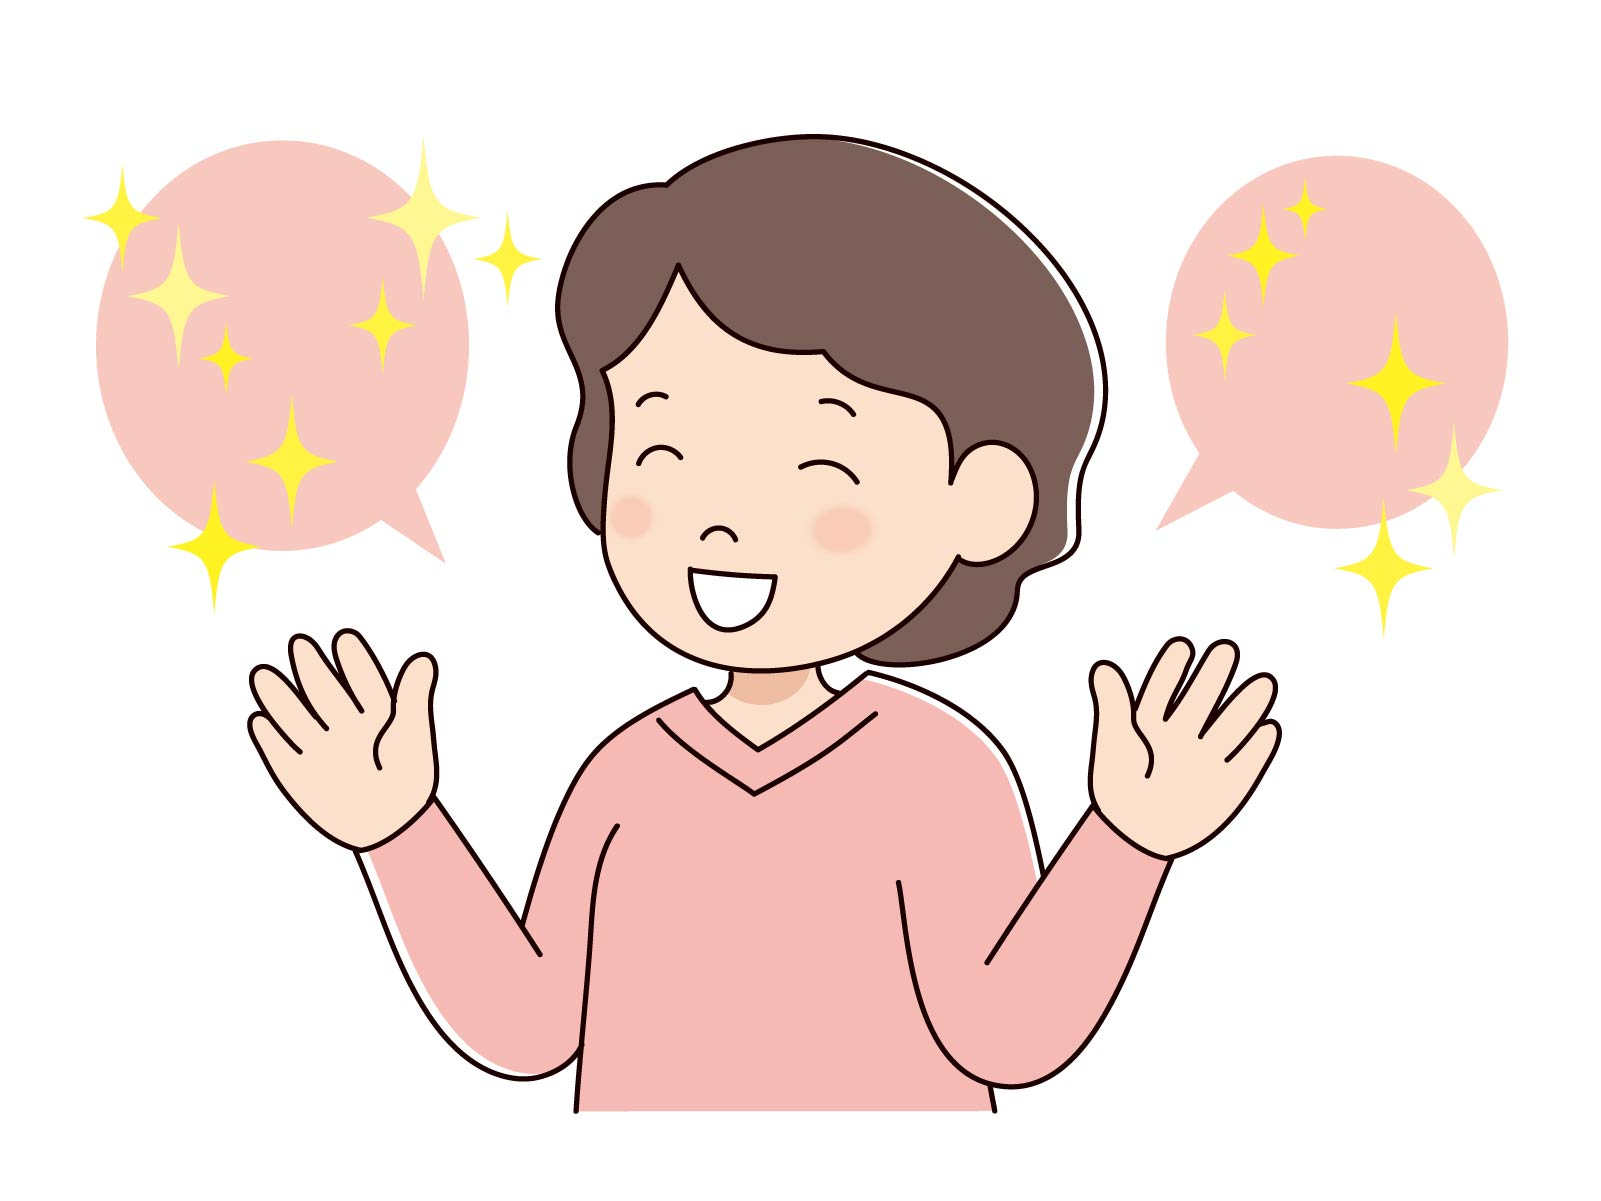 言霊!言葉には力が宿るため相手や自分を幸せにしよう